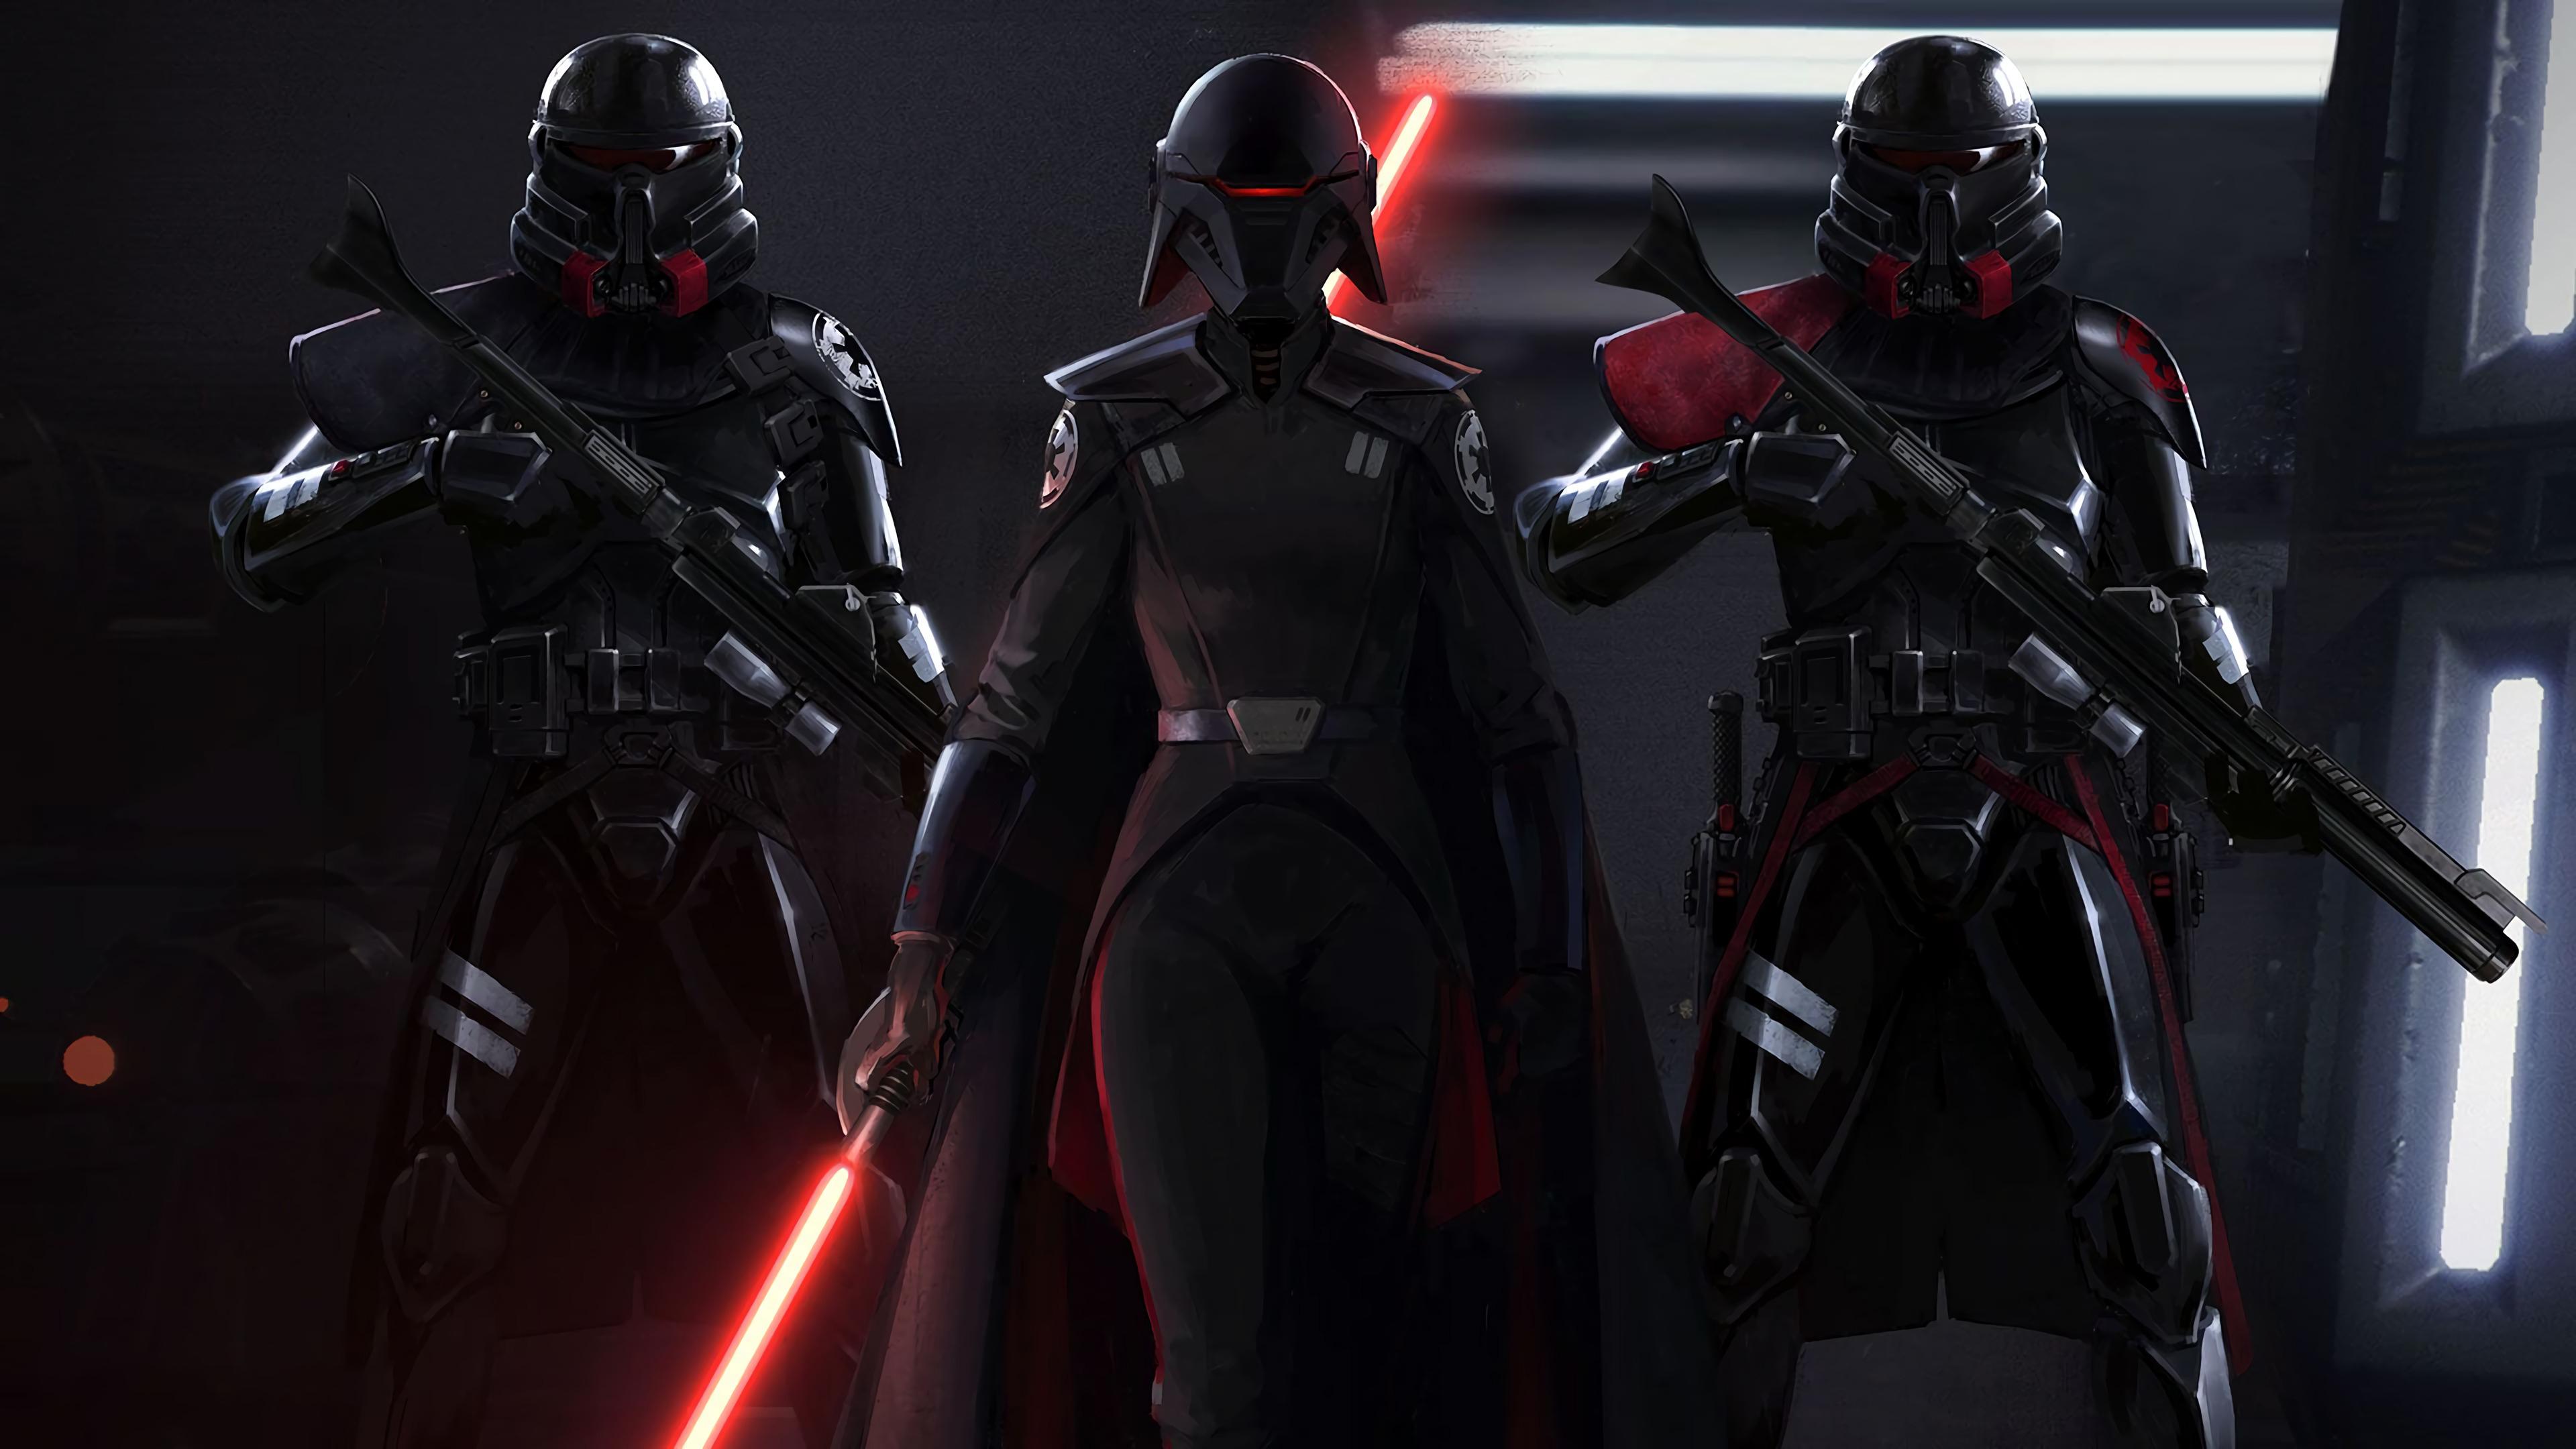 Star Wars Jedi Fallen Order 4k Wallpaper Hd Games 4k